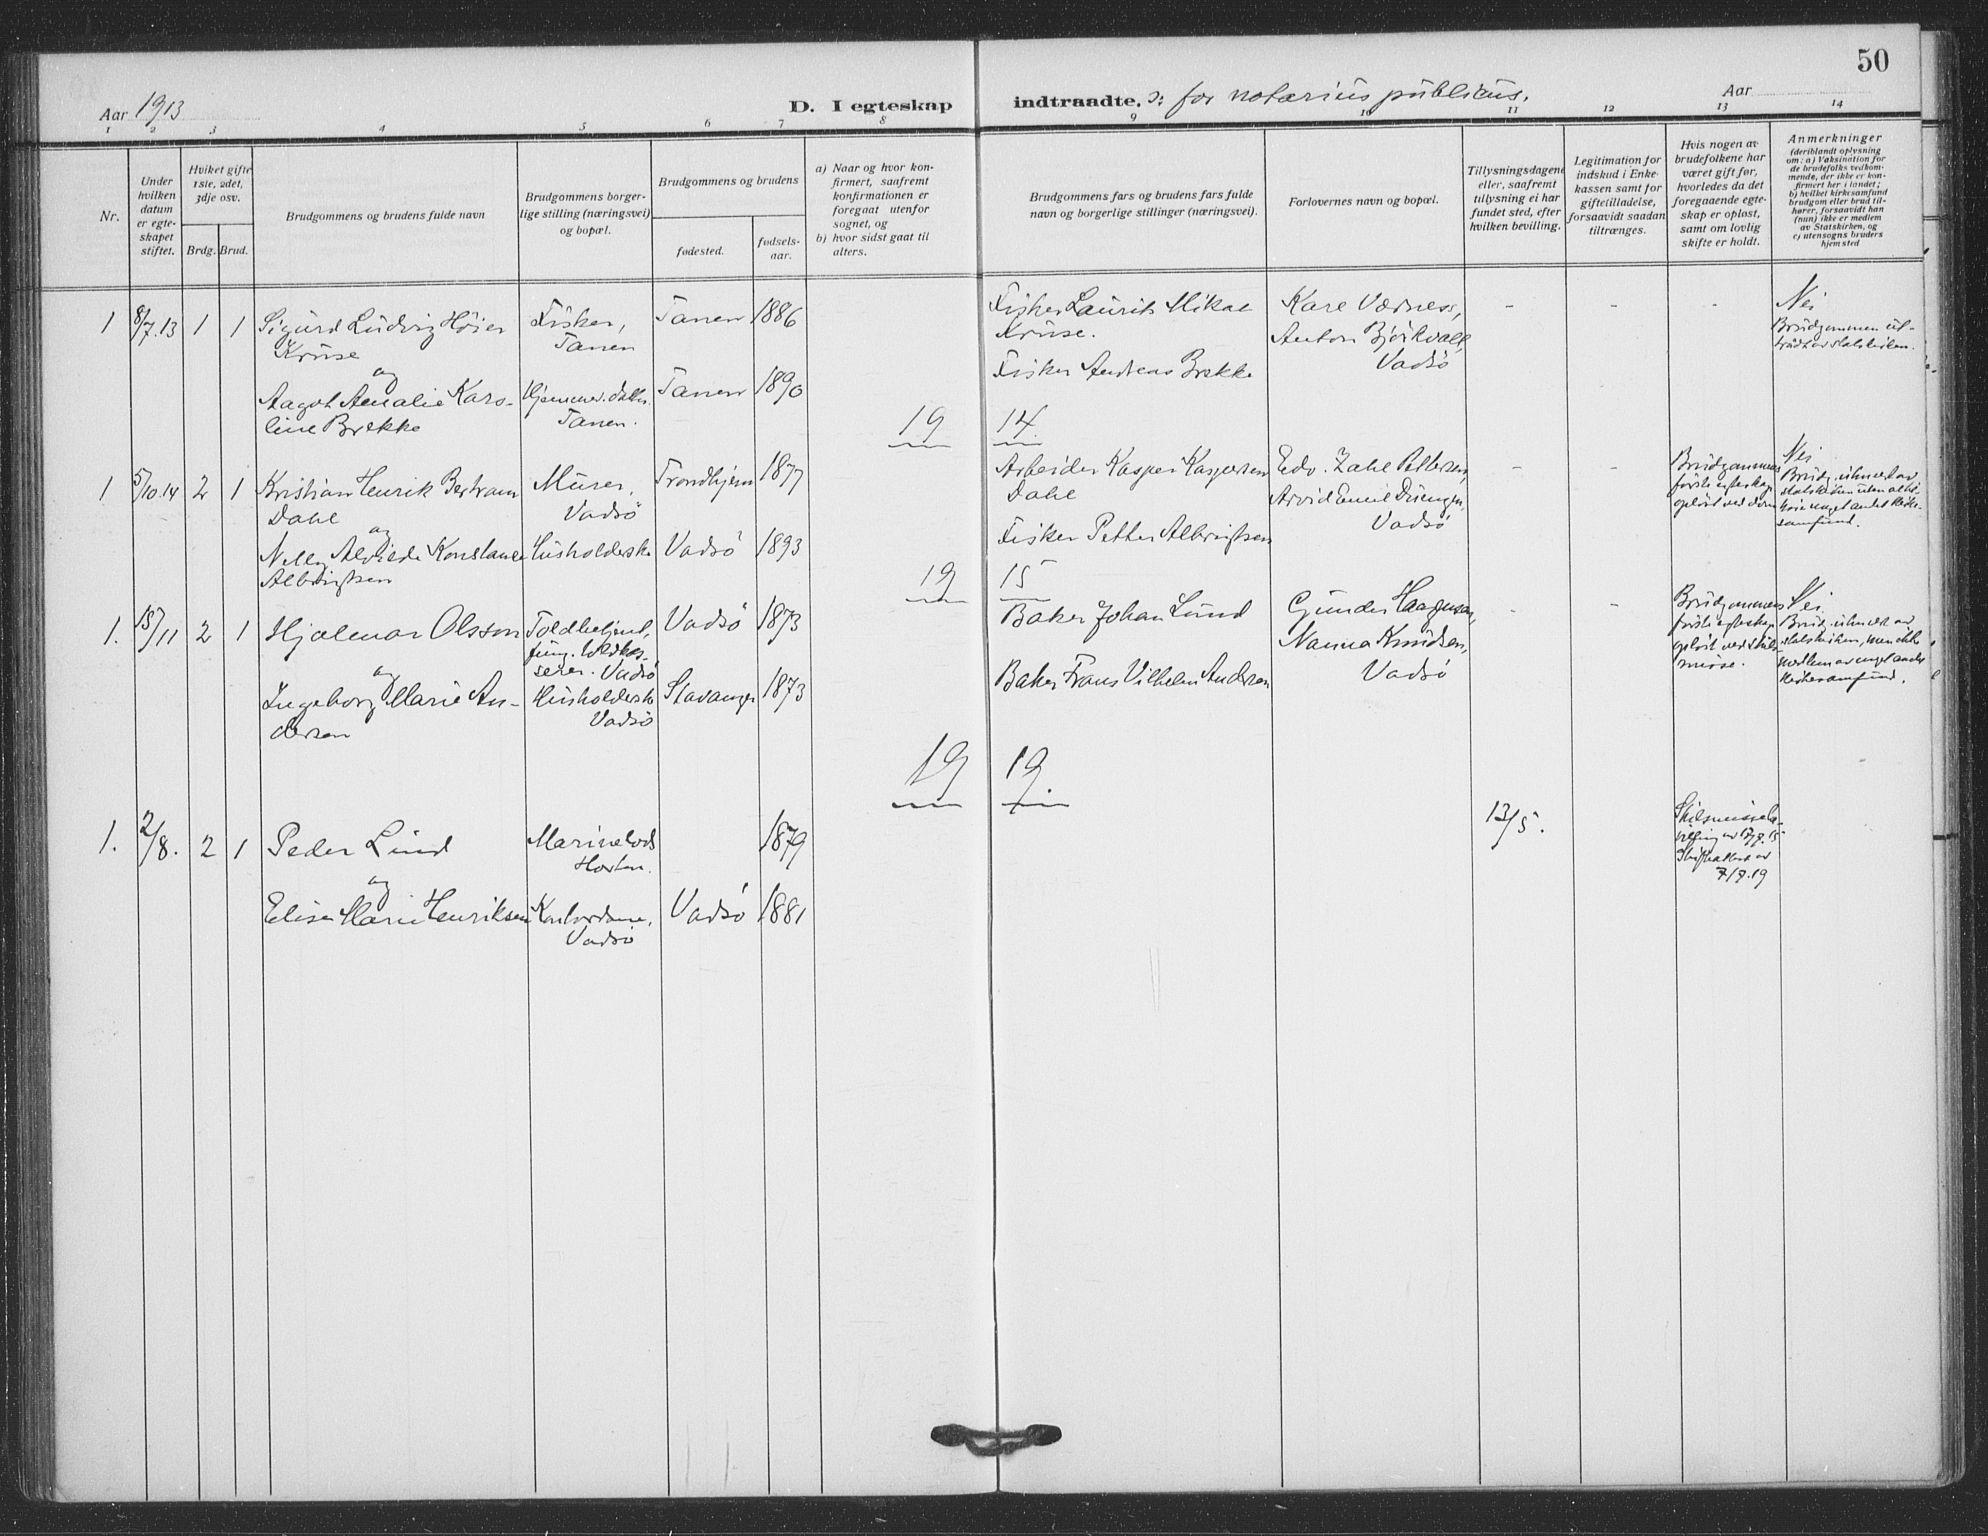 SATØ, Vadsø sokneprestkontor, H/Ha/L0008kirke: Ministerialbok nr. 8, 1912-1930, s. 50